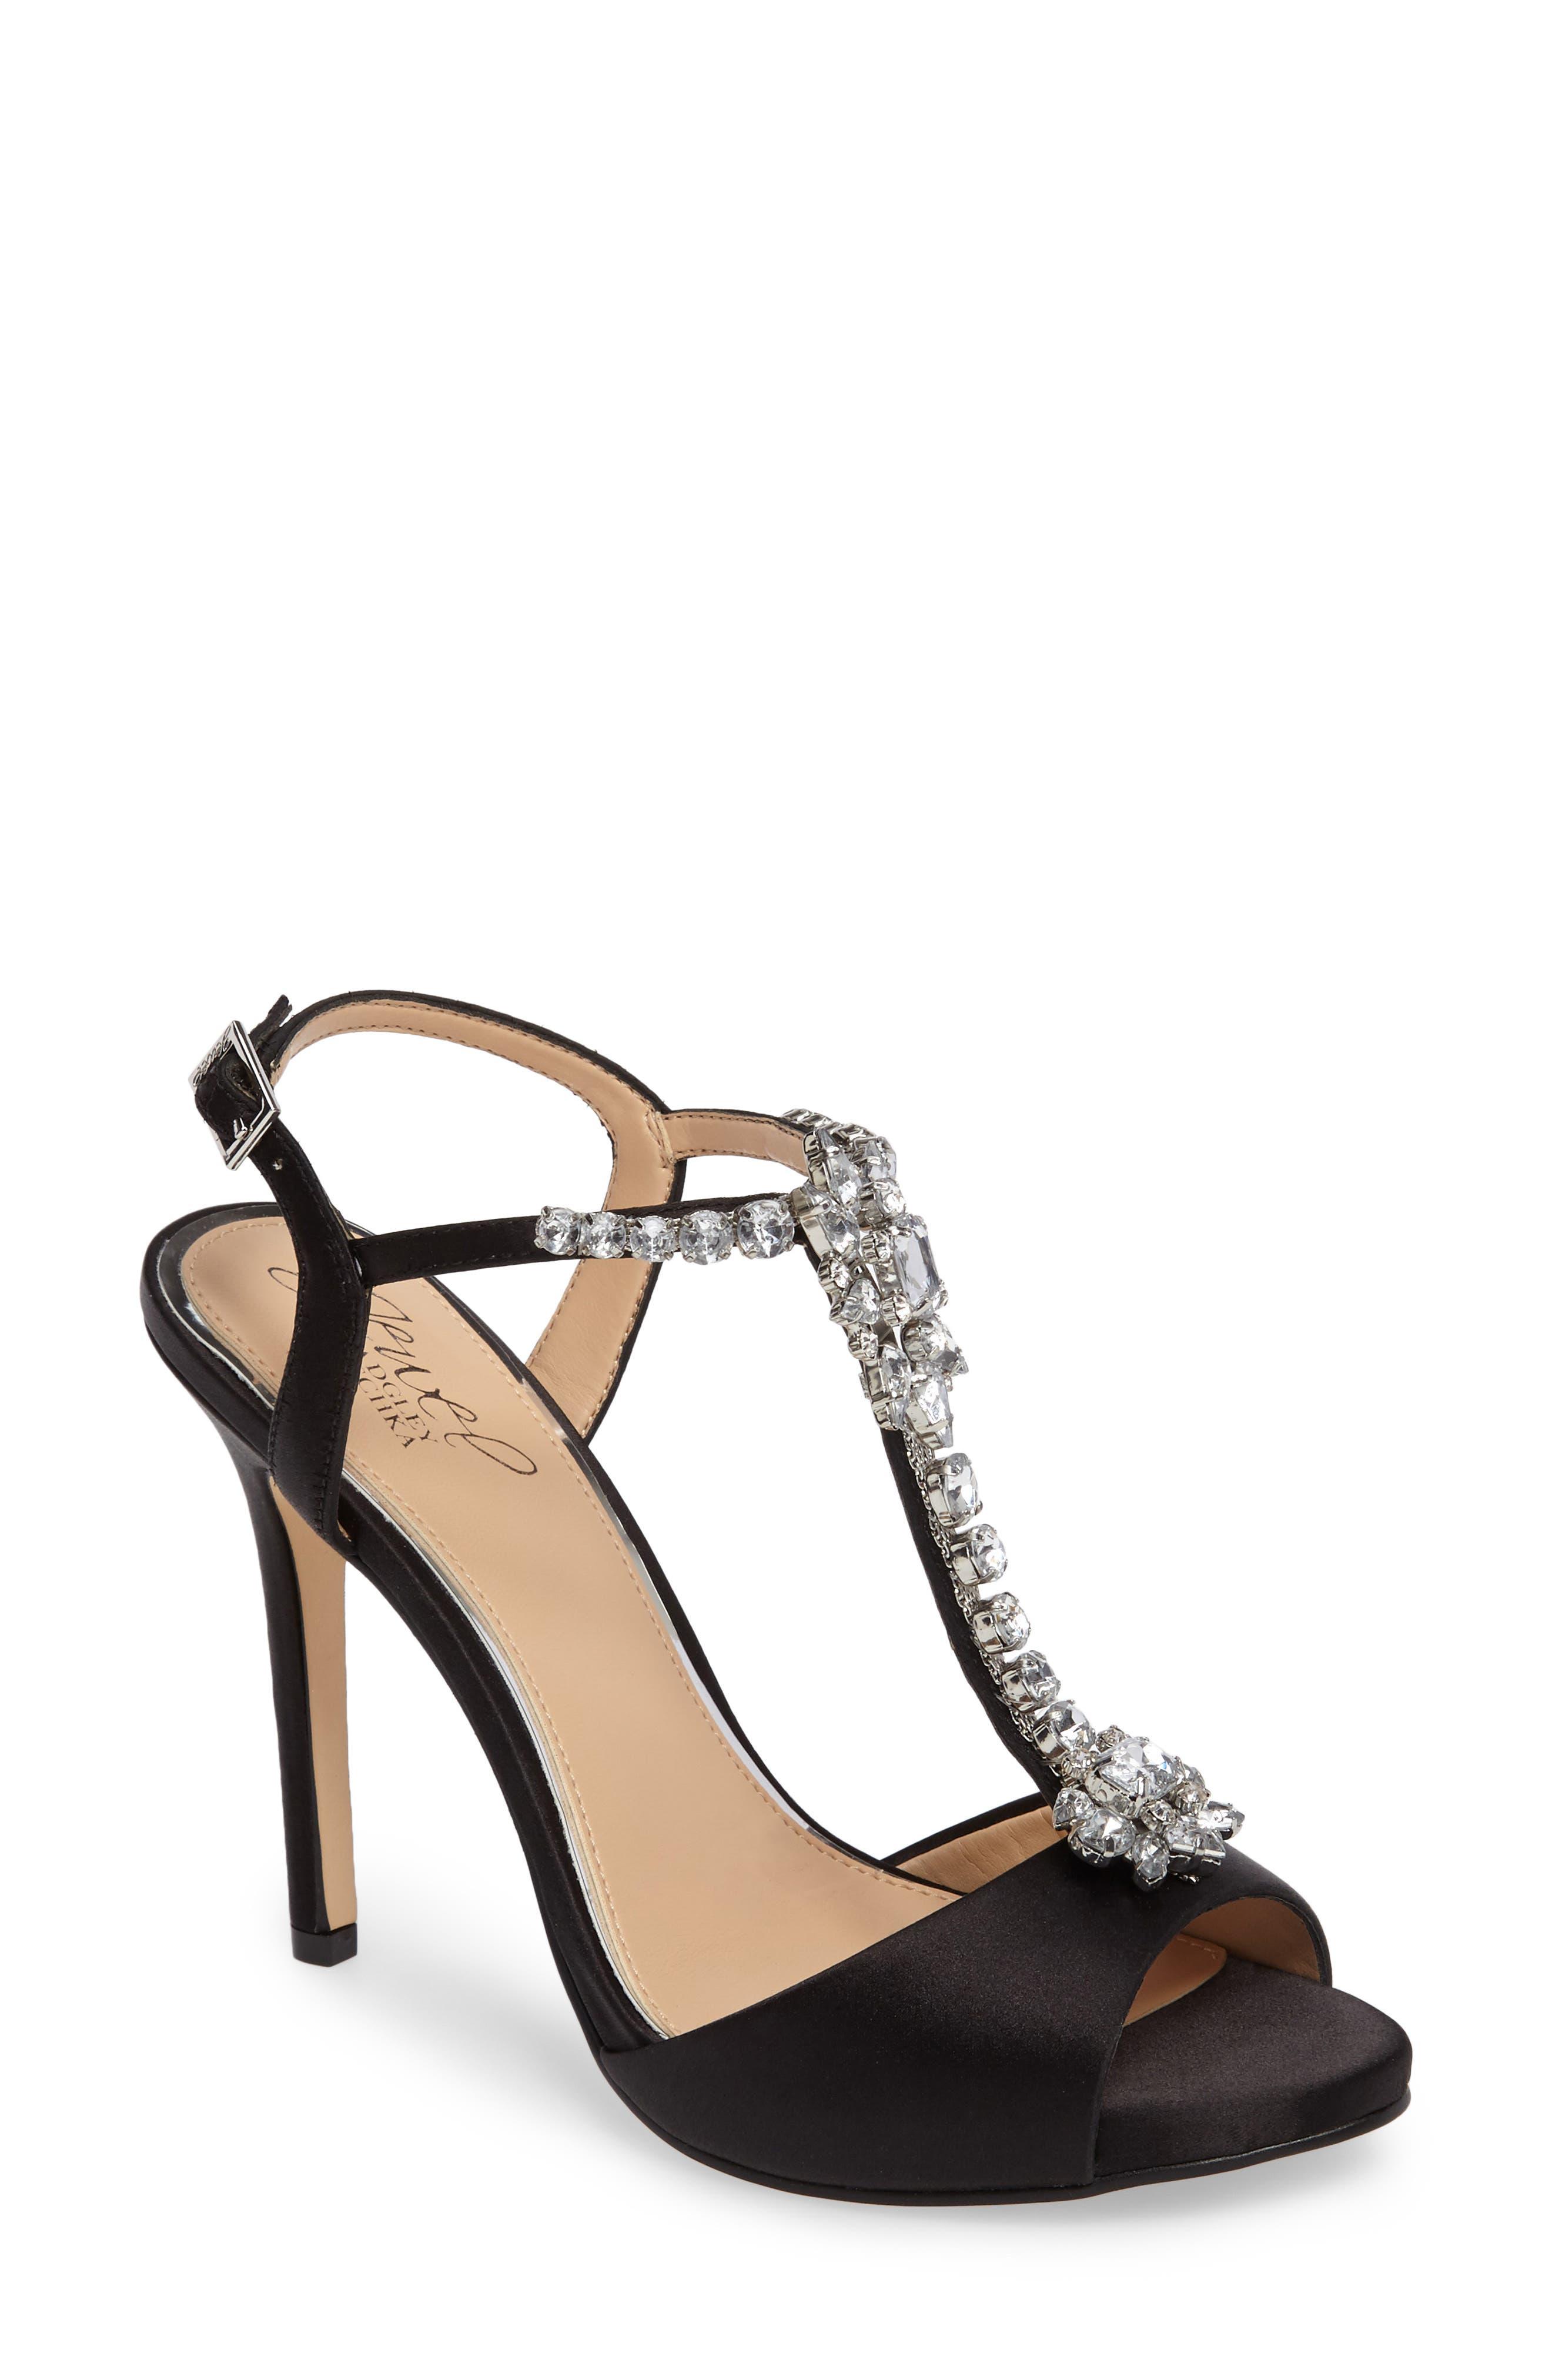 Leeane T-Strap Sandal,                         Main,                         color,